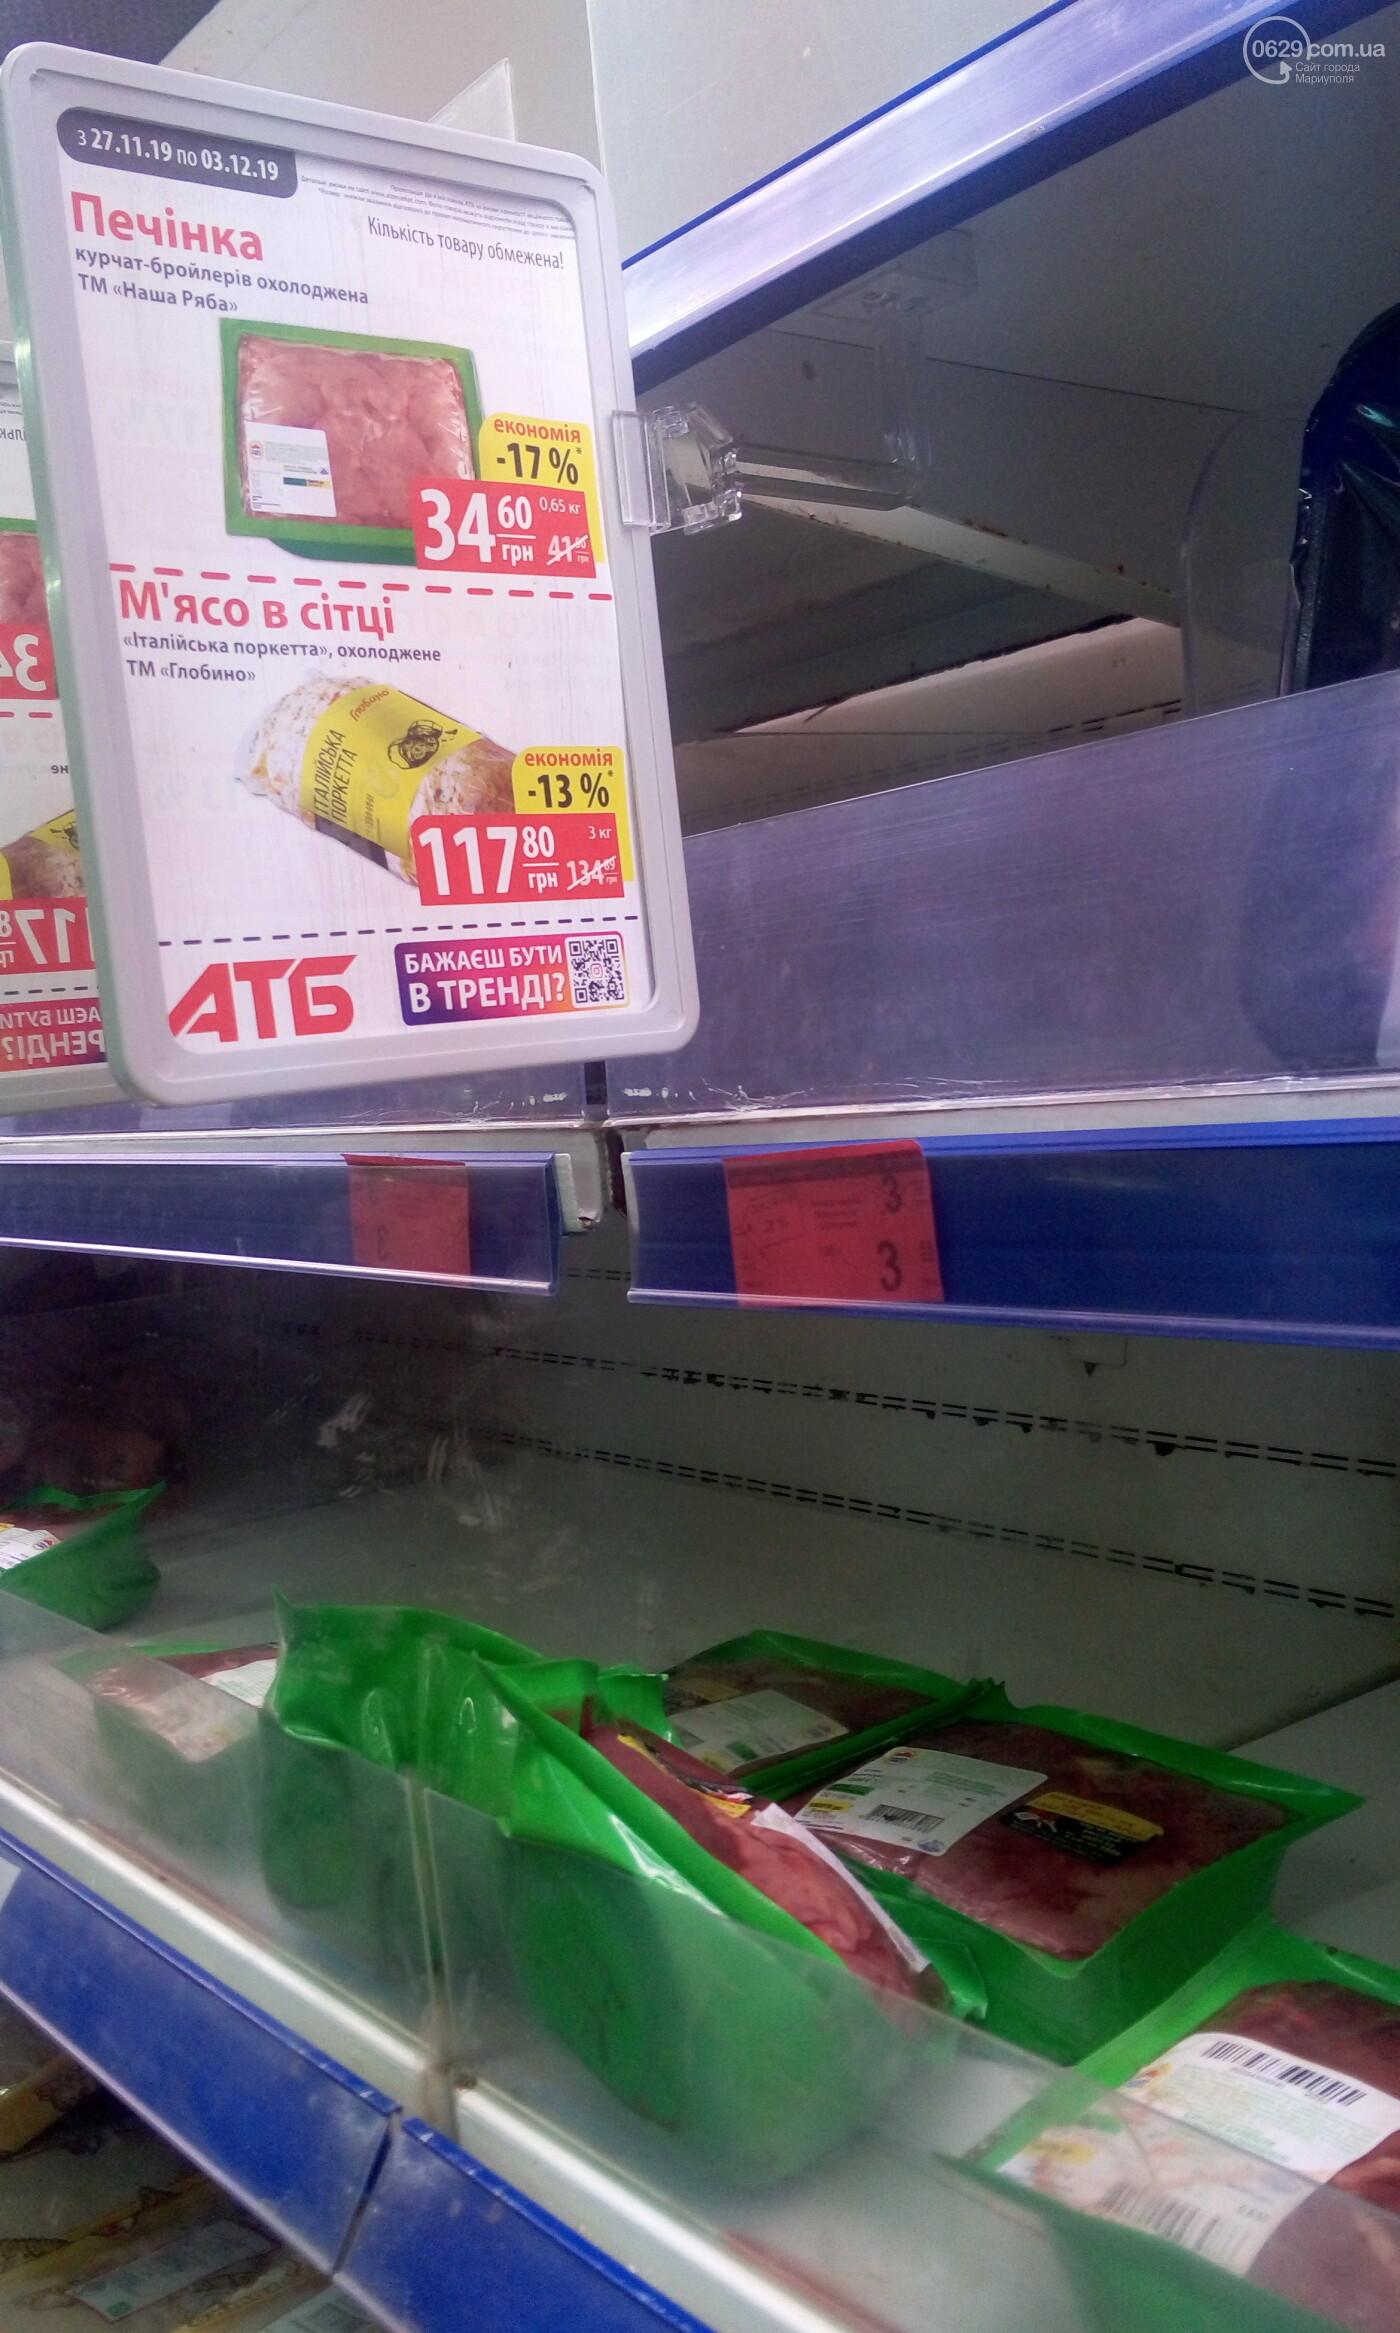 Первый независимый рейтинг мариупольских супермаркетов, фото-42